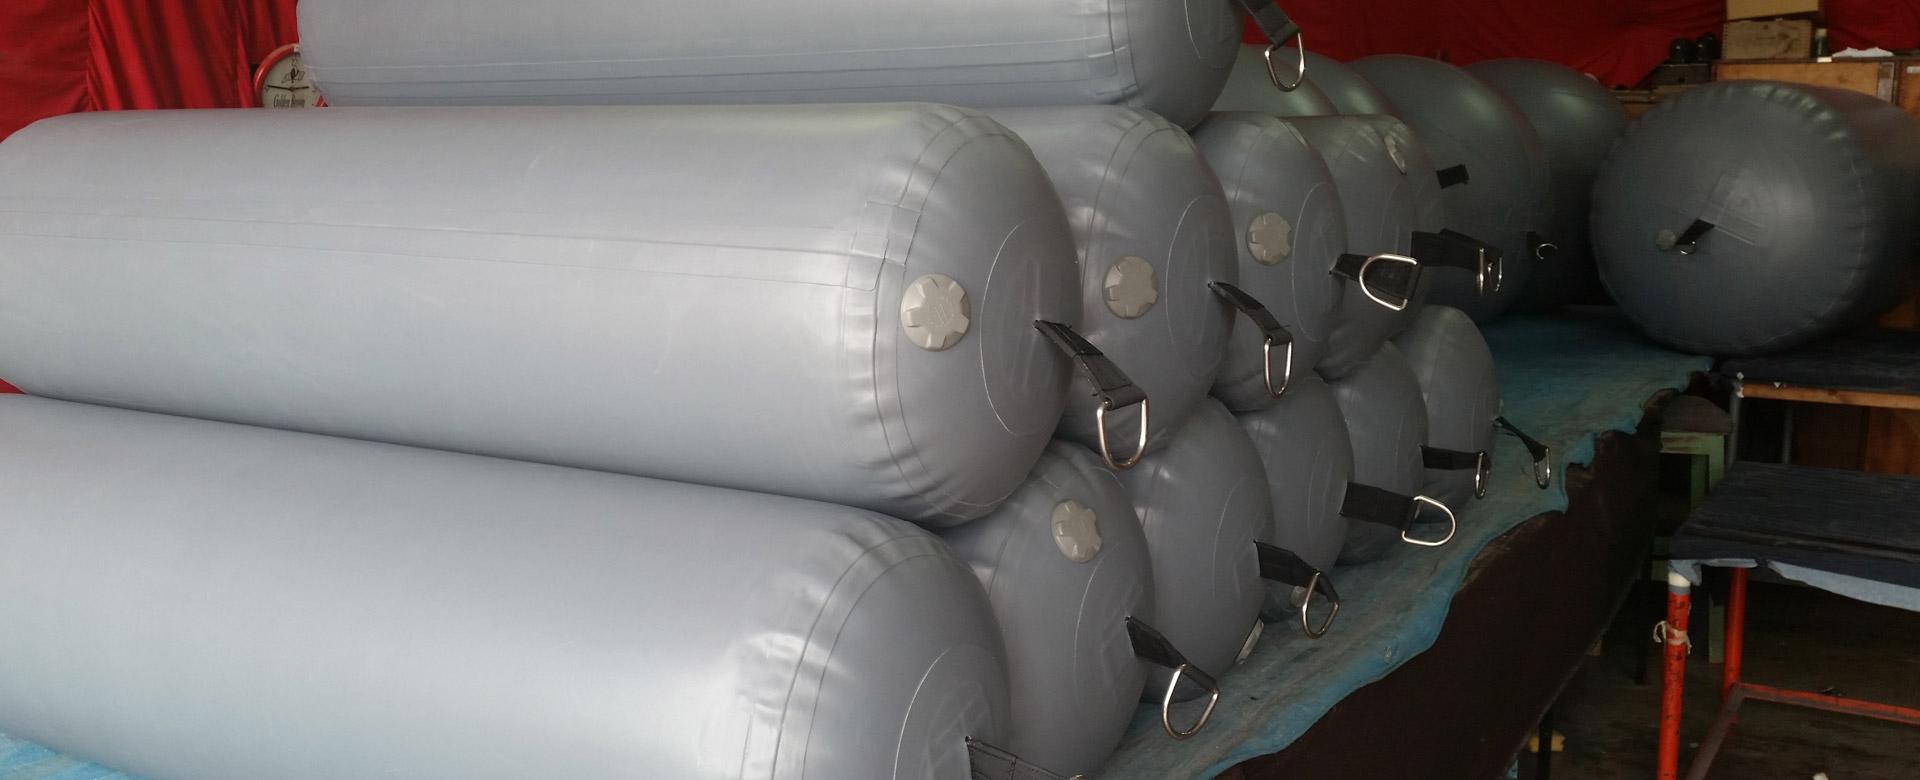 fender-slide-2